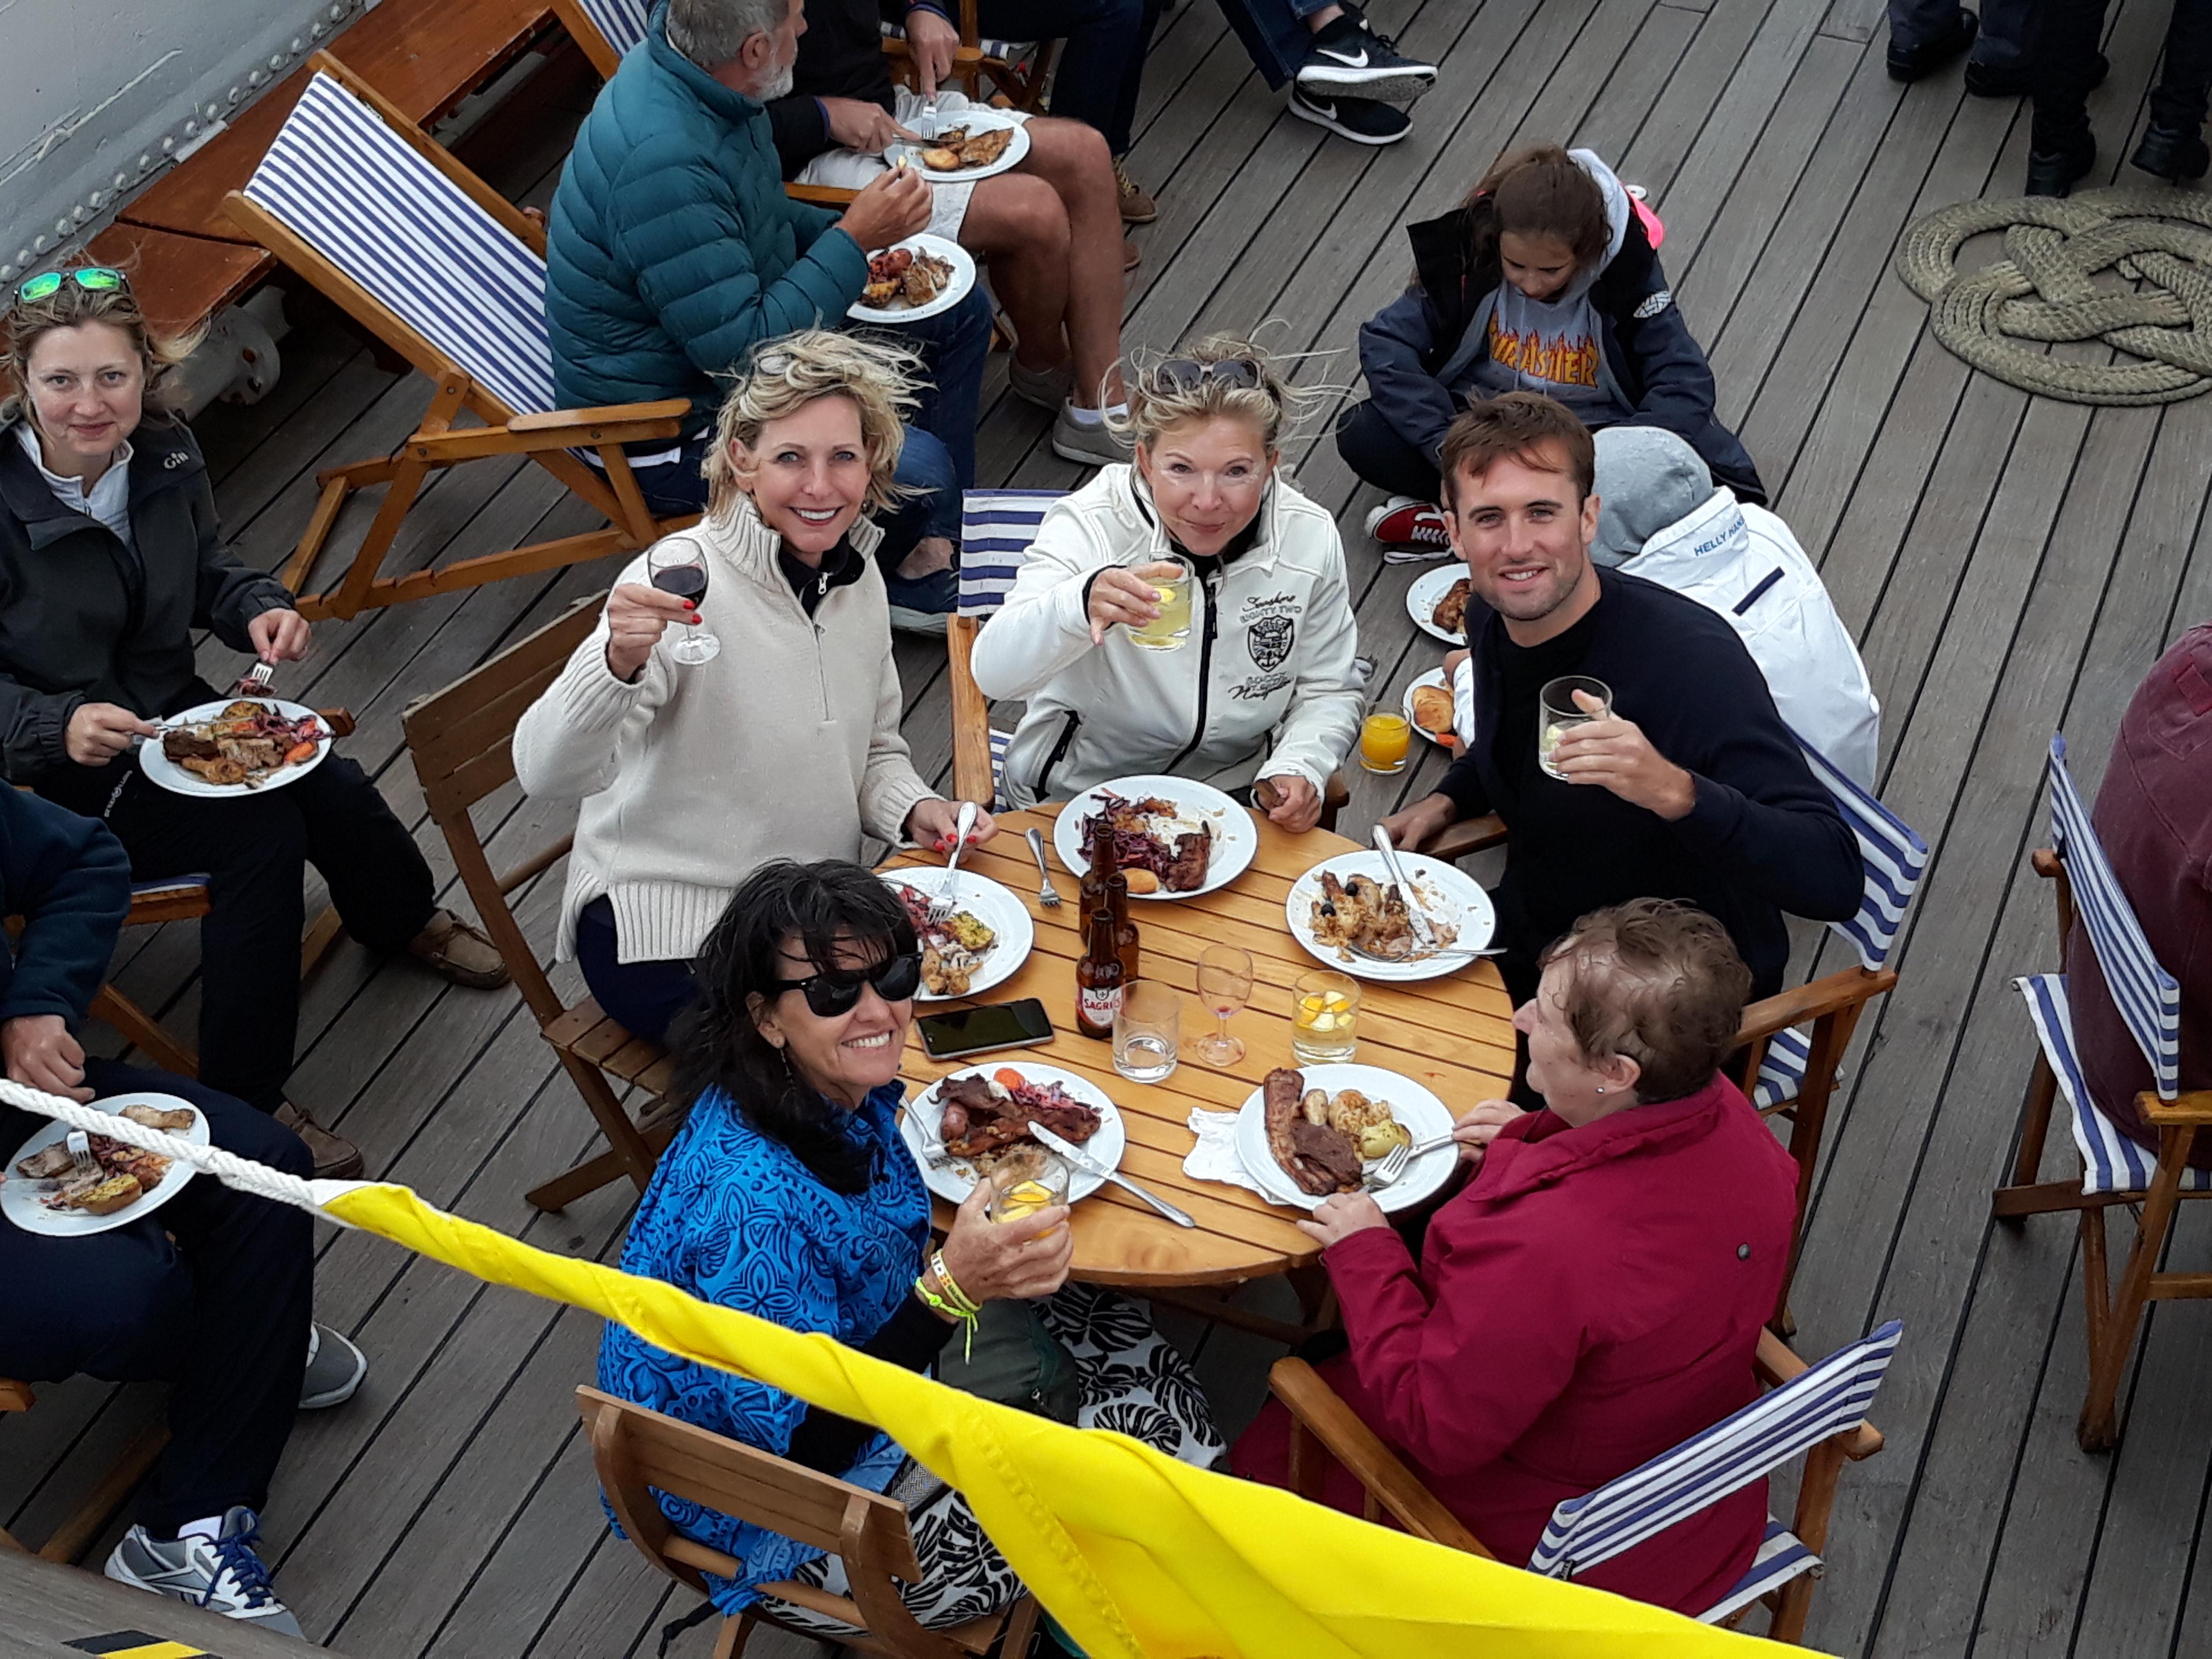 Meals on deck on a 200 ft schooner